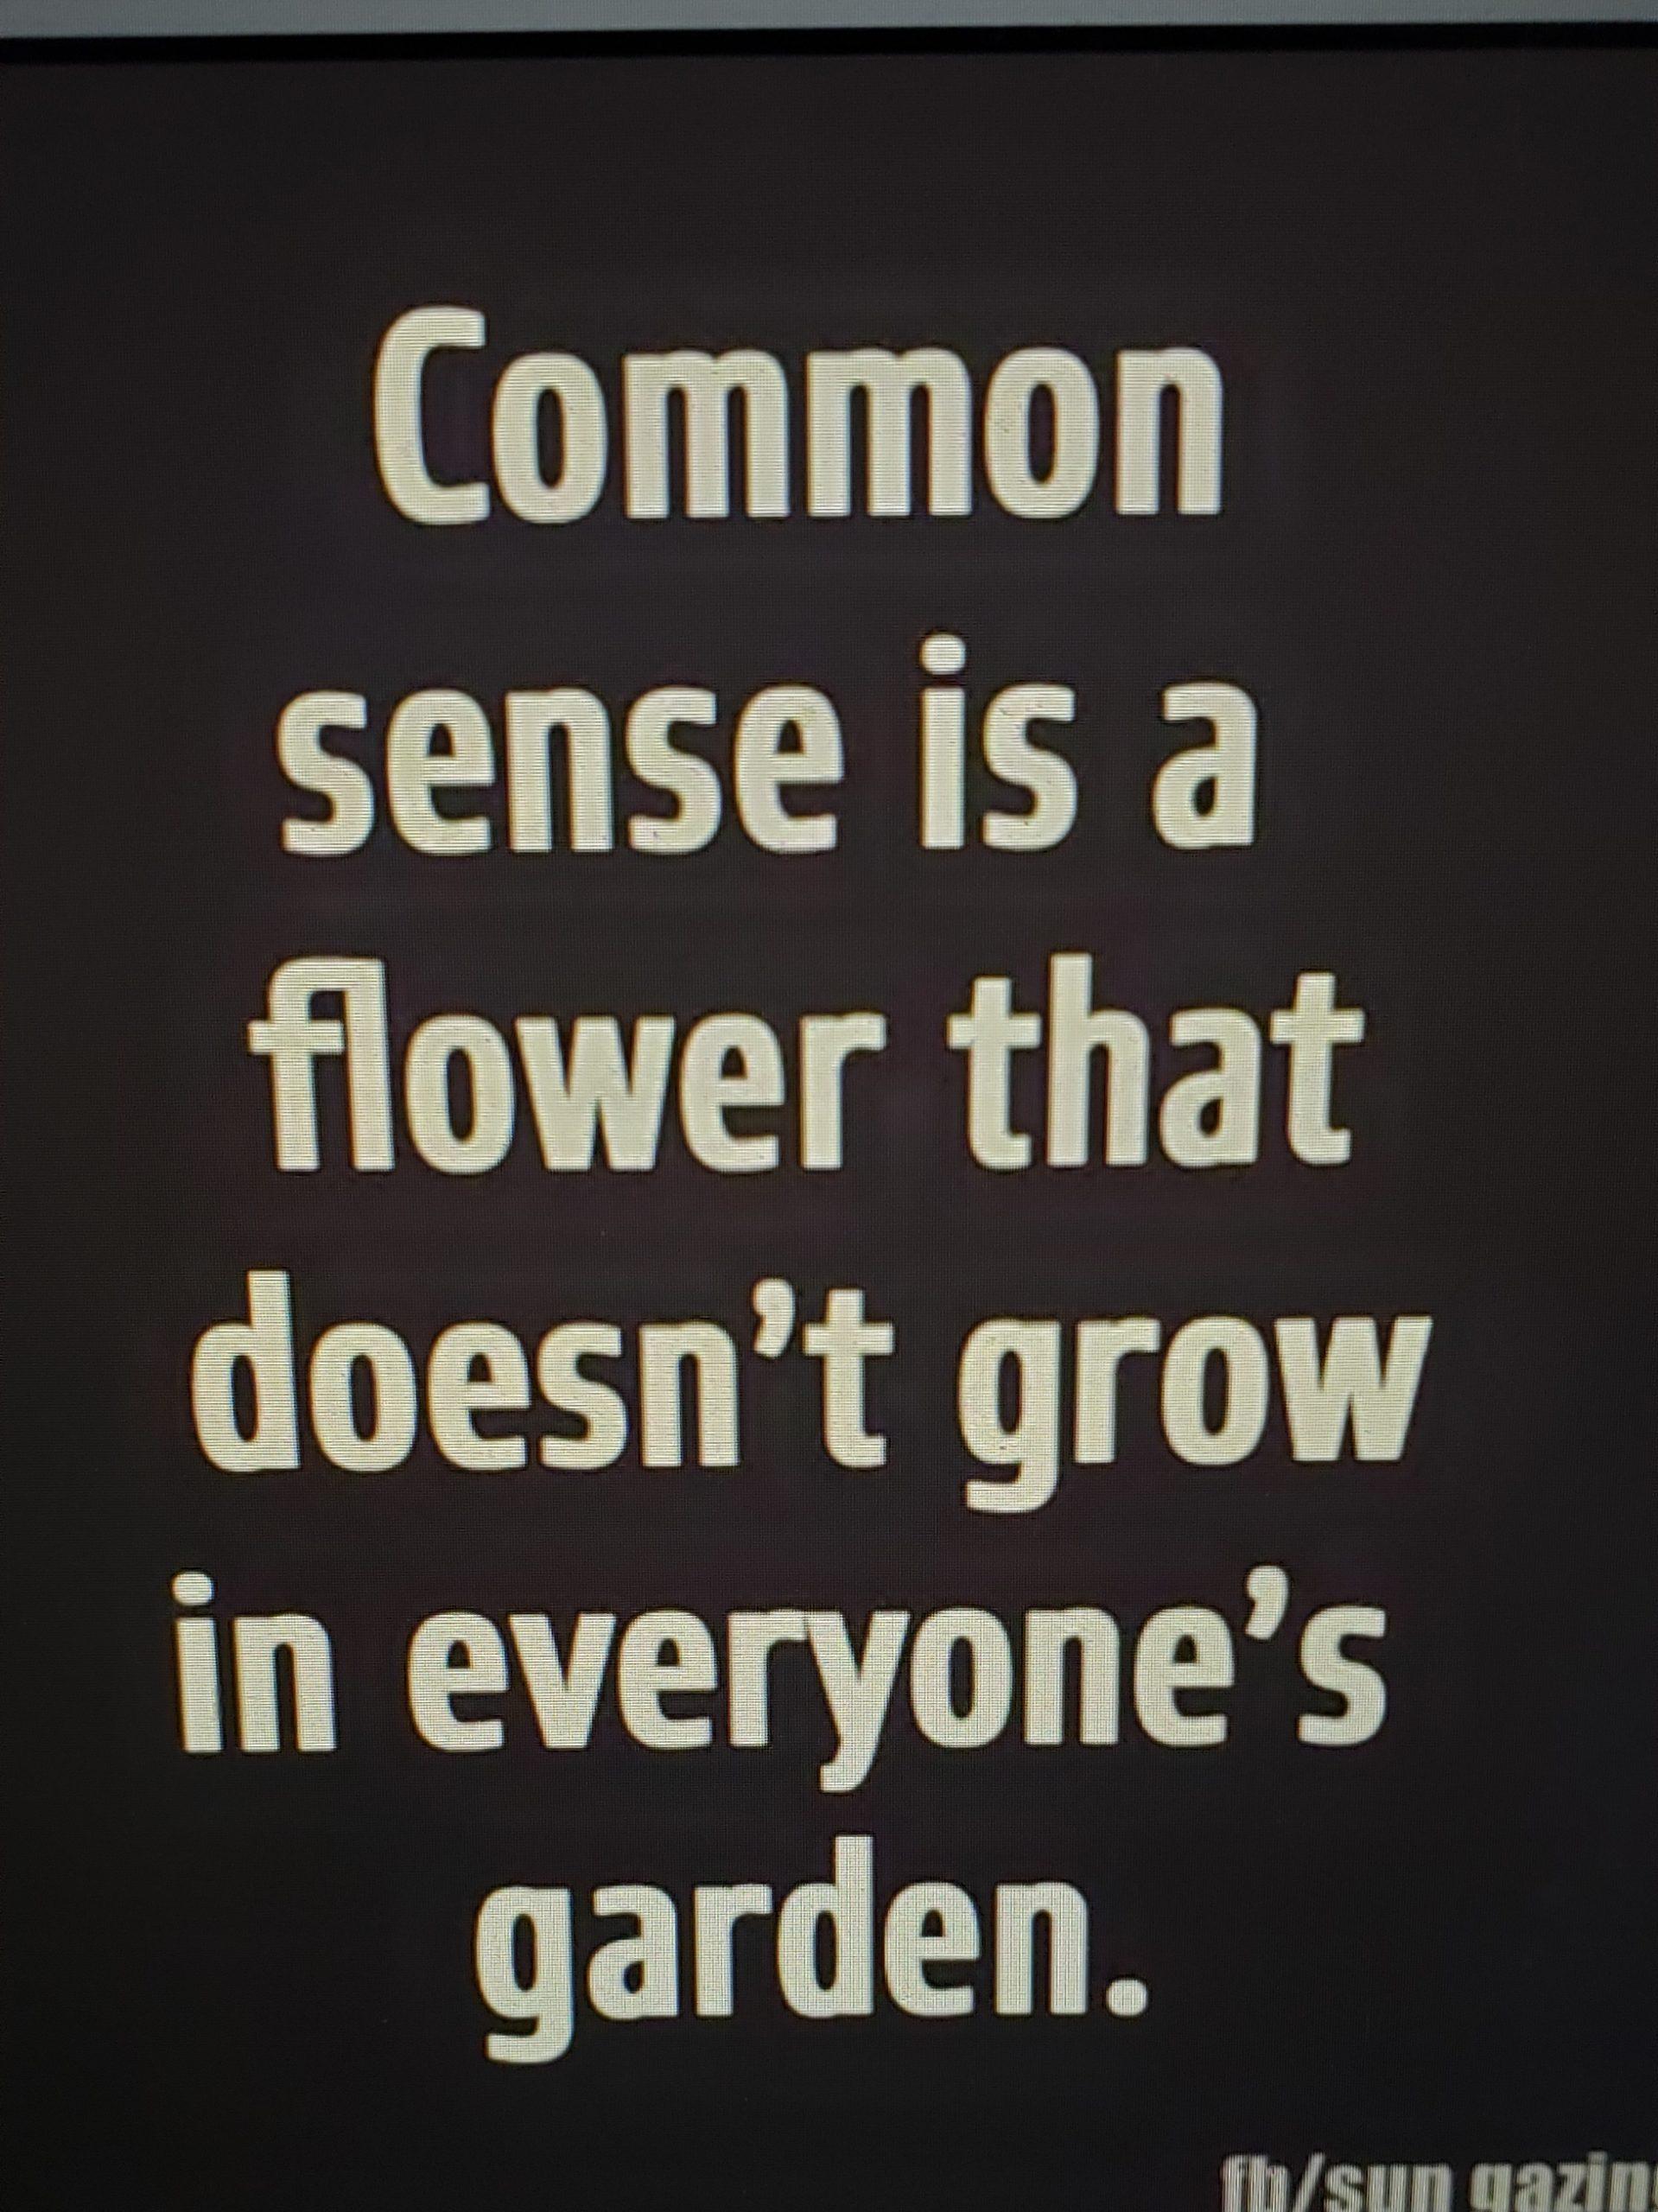 Truth . Lol